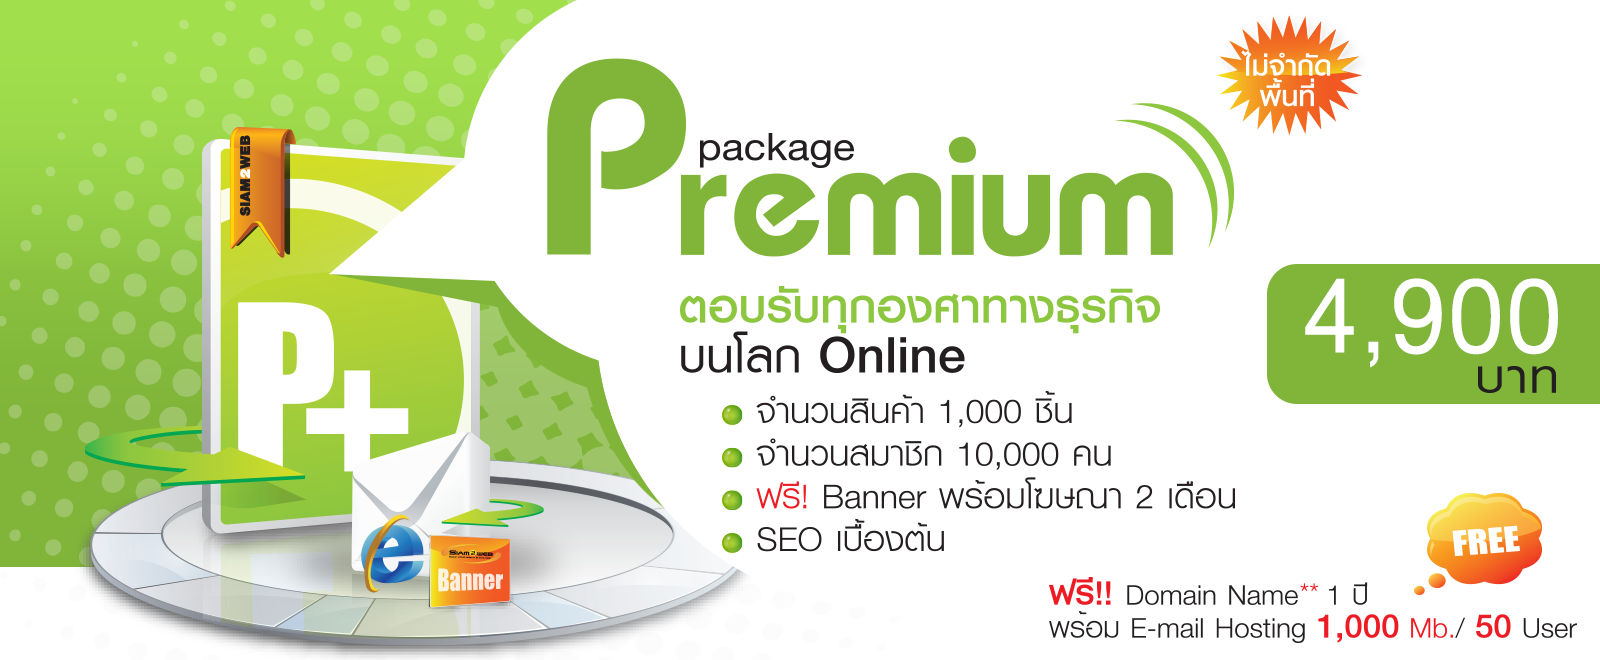 เว็บไซต์สำเร็จรูป Premium Package